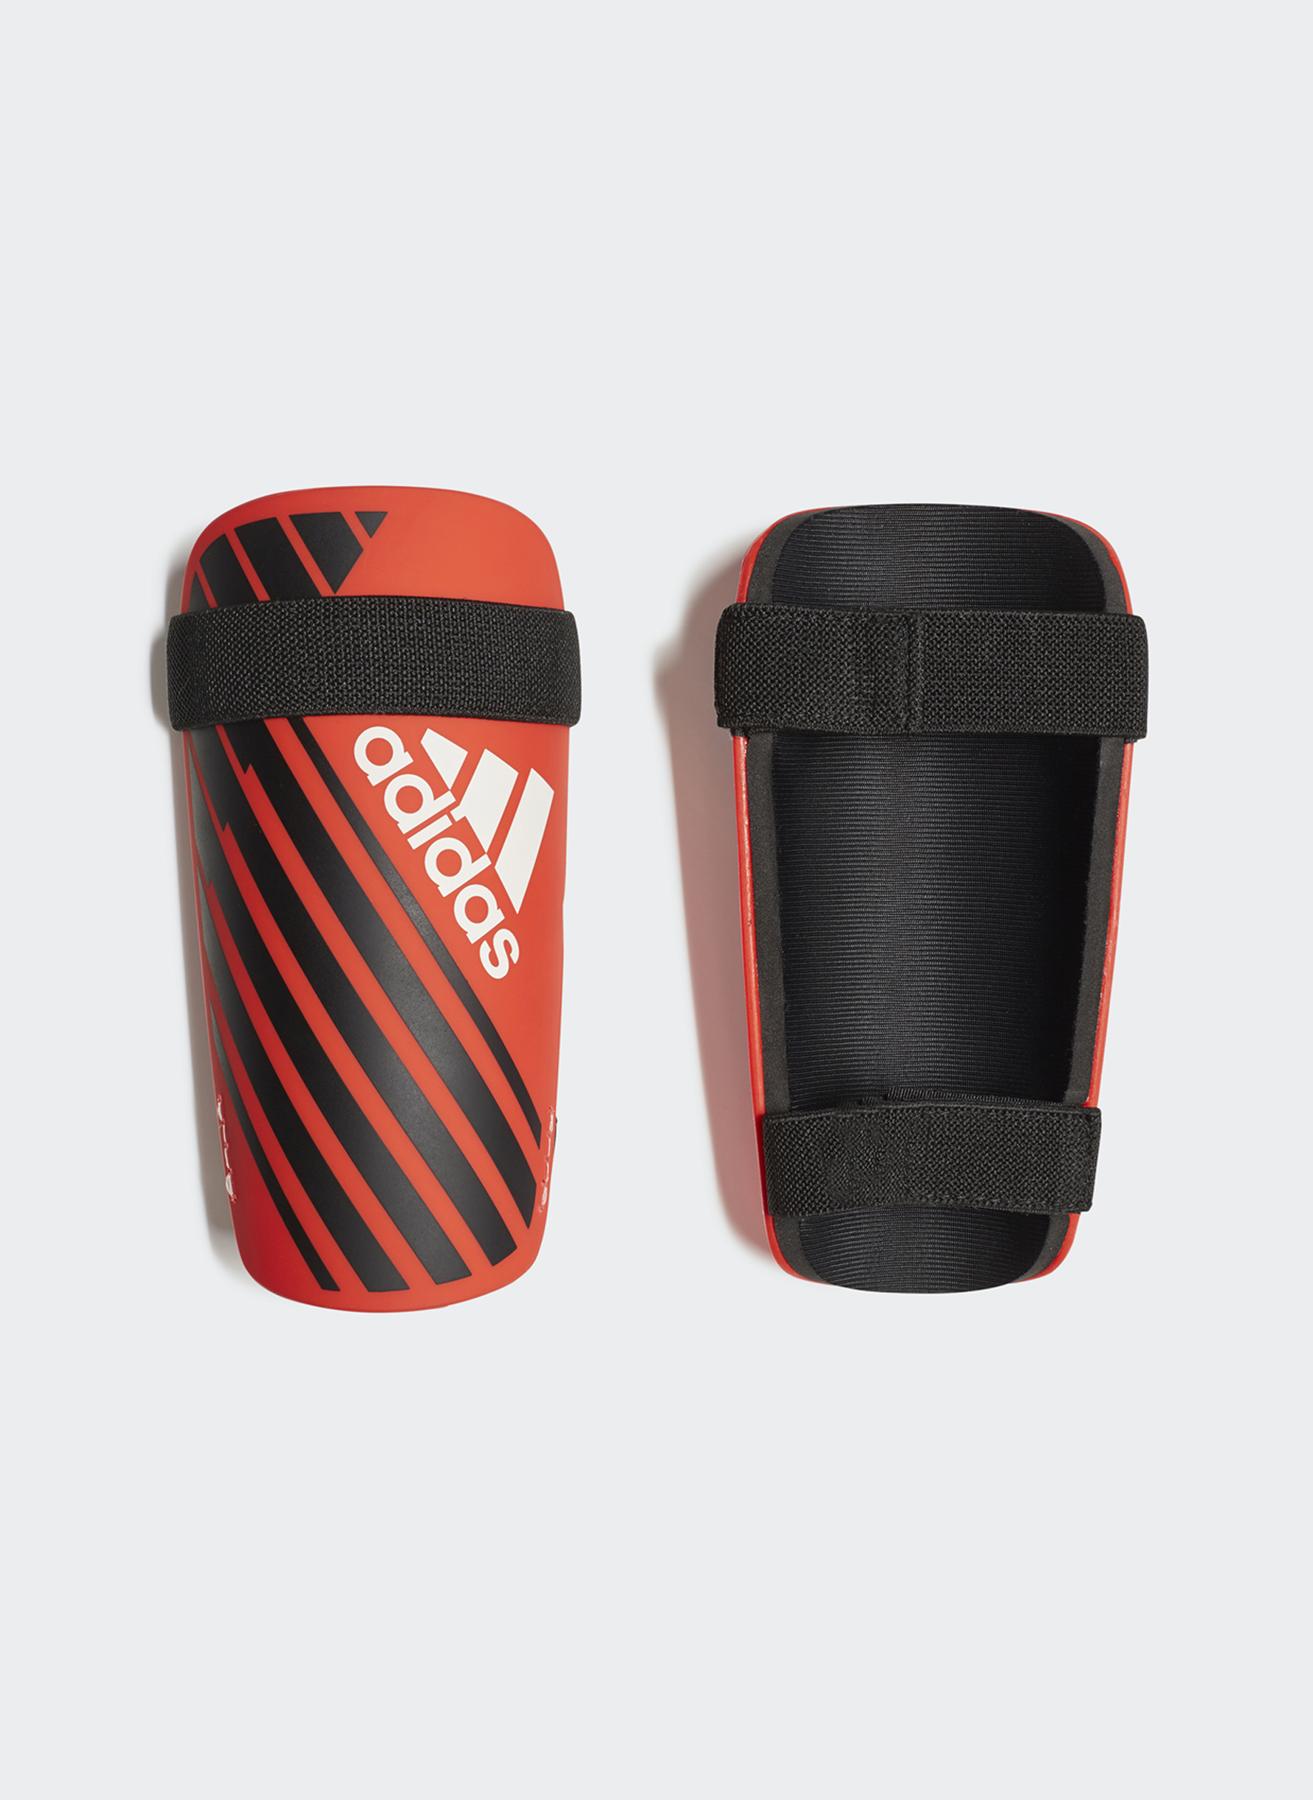 f81d7fa1962ef M Erkek Kırmızı - Siyah Beyaz adidas X Lite Tekmelik 5002357489002 Spor  Türleri Futbol Ürünleri